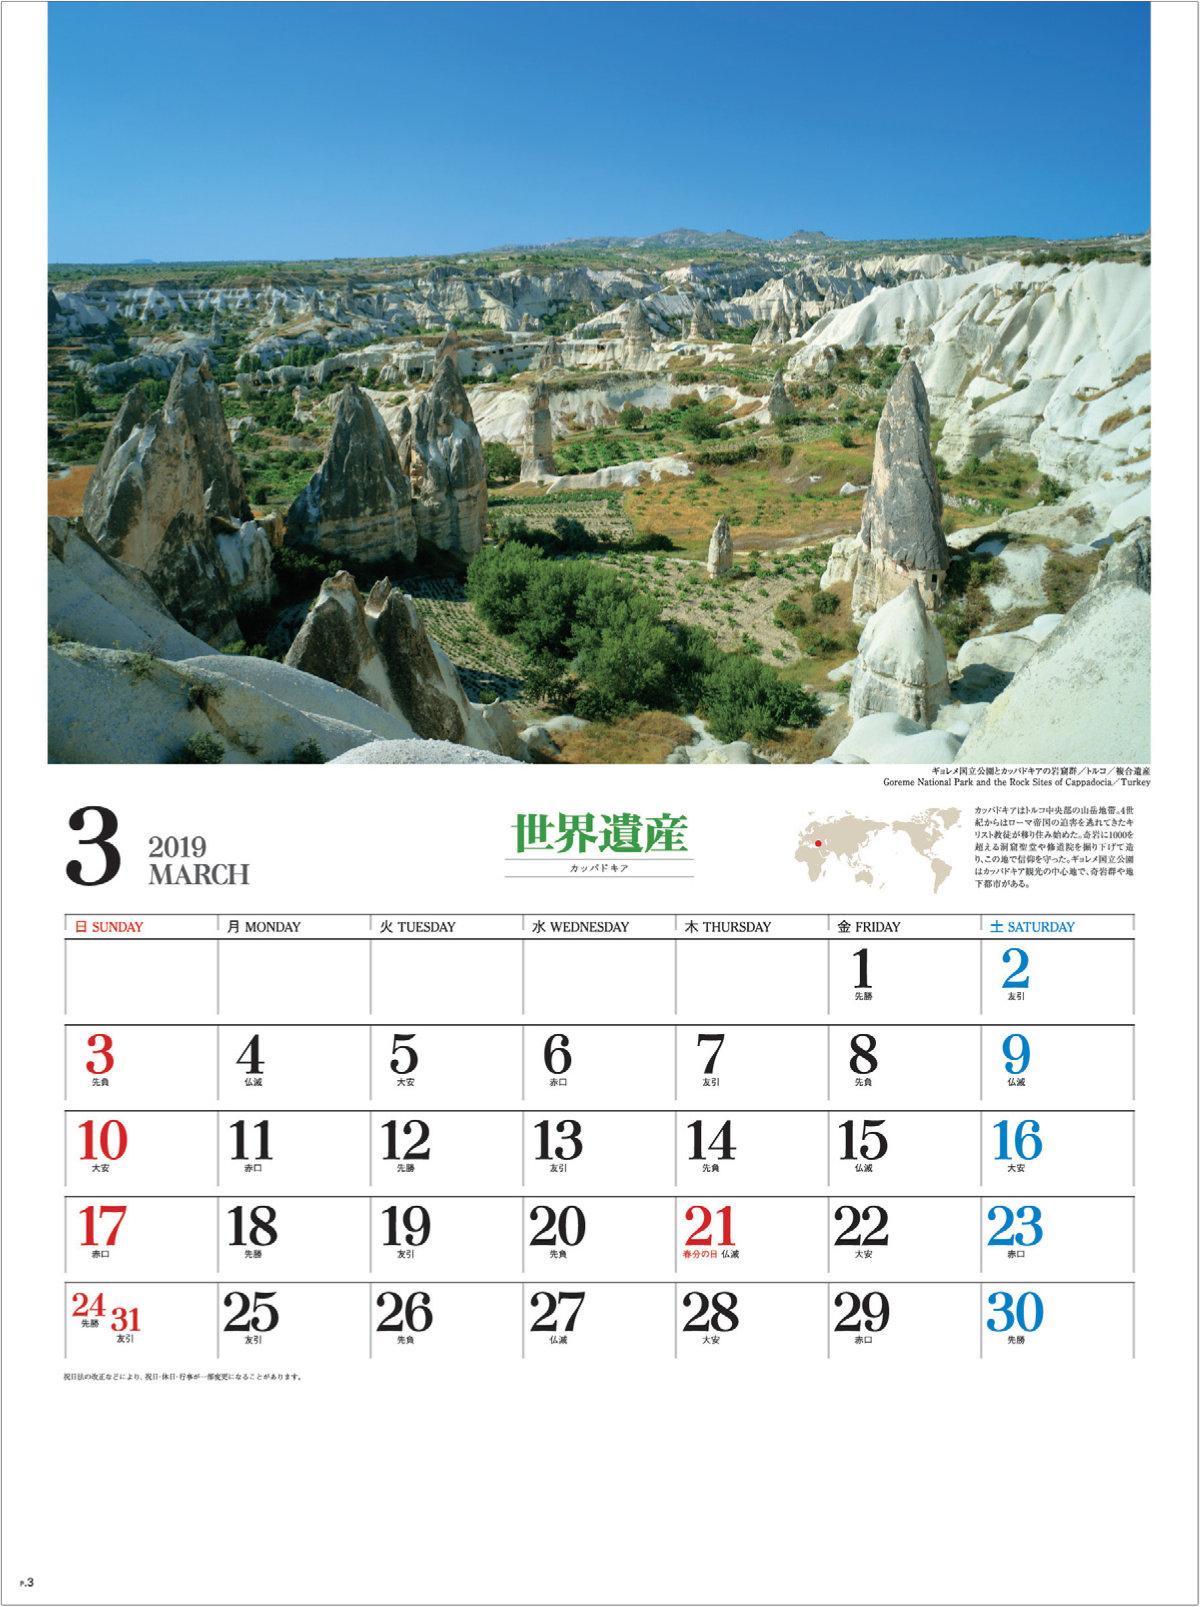 画像:トルコのカッパドキア ユネスコ世界遺産 2019年カレンダー